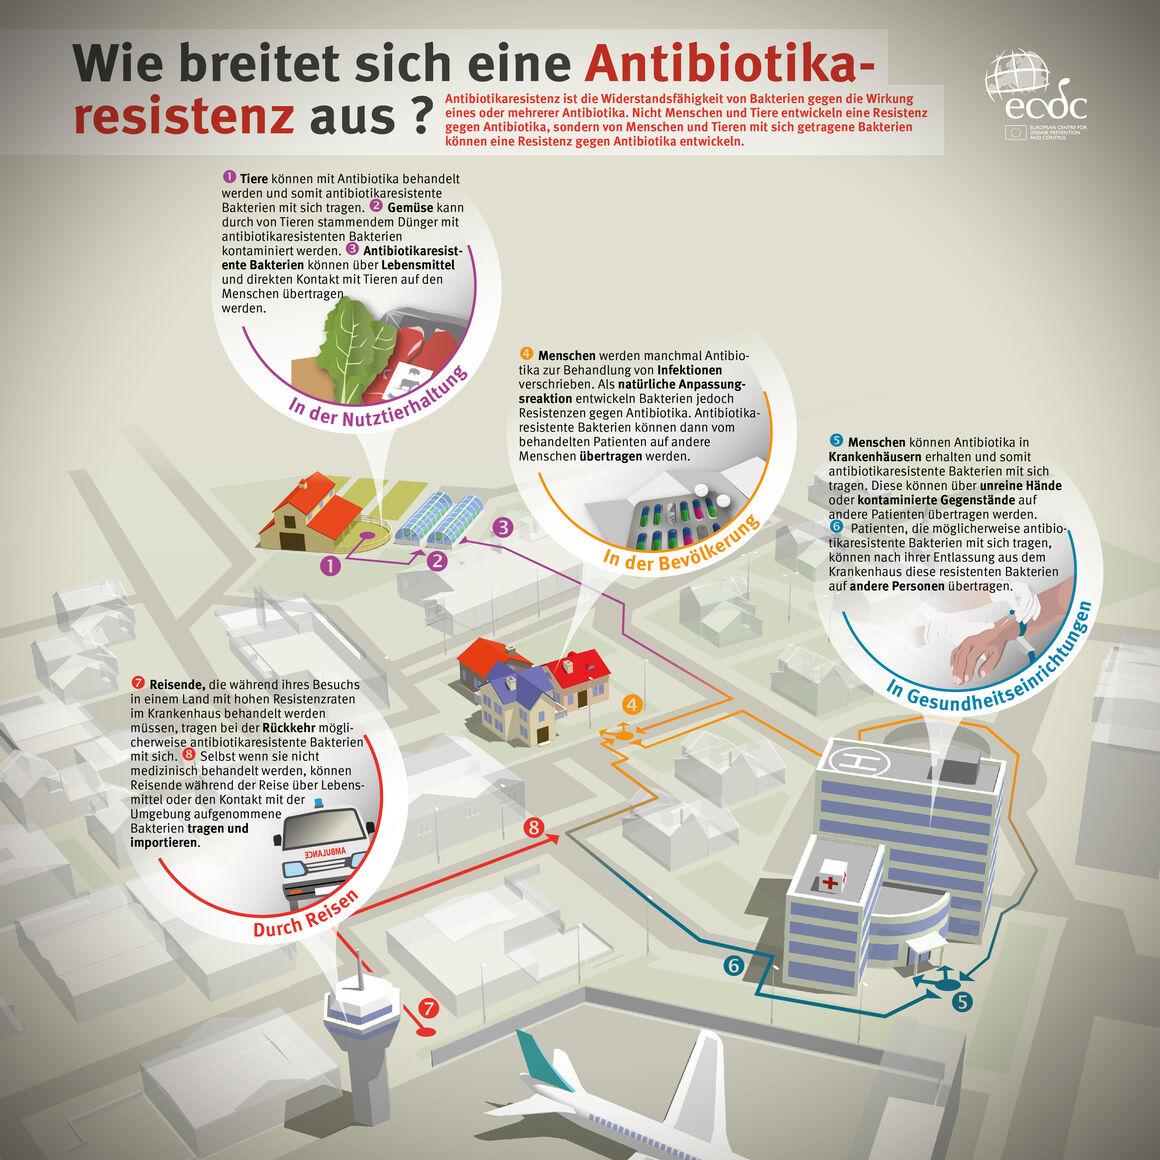 Wie breitet sich eine Antibiotikaresistenz aus?